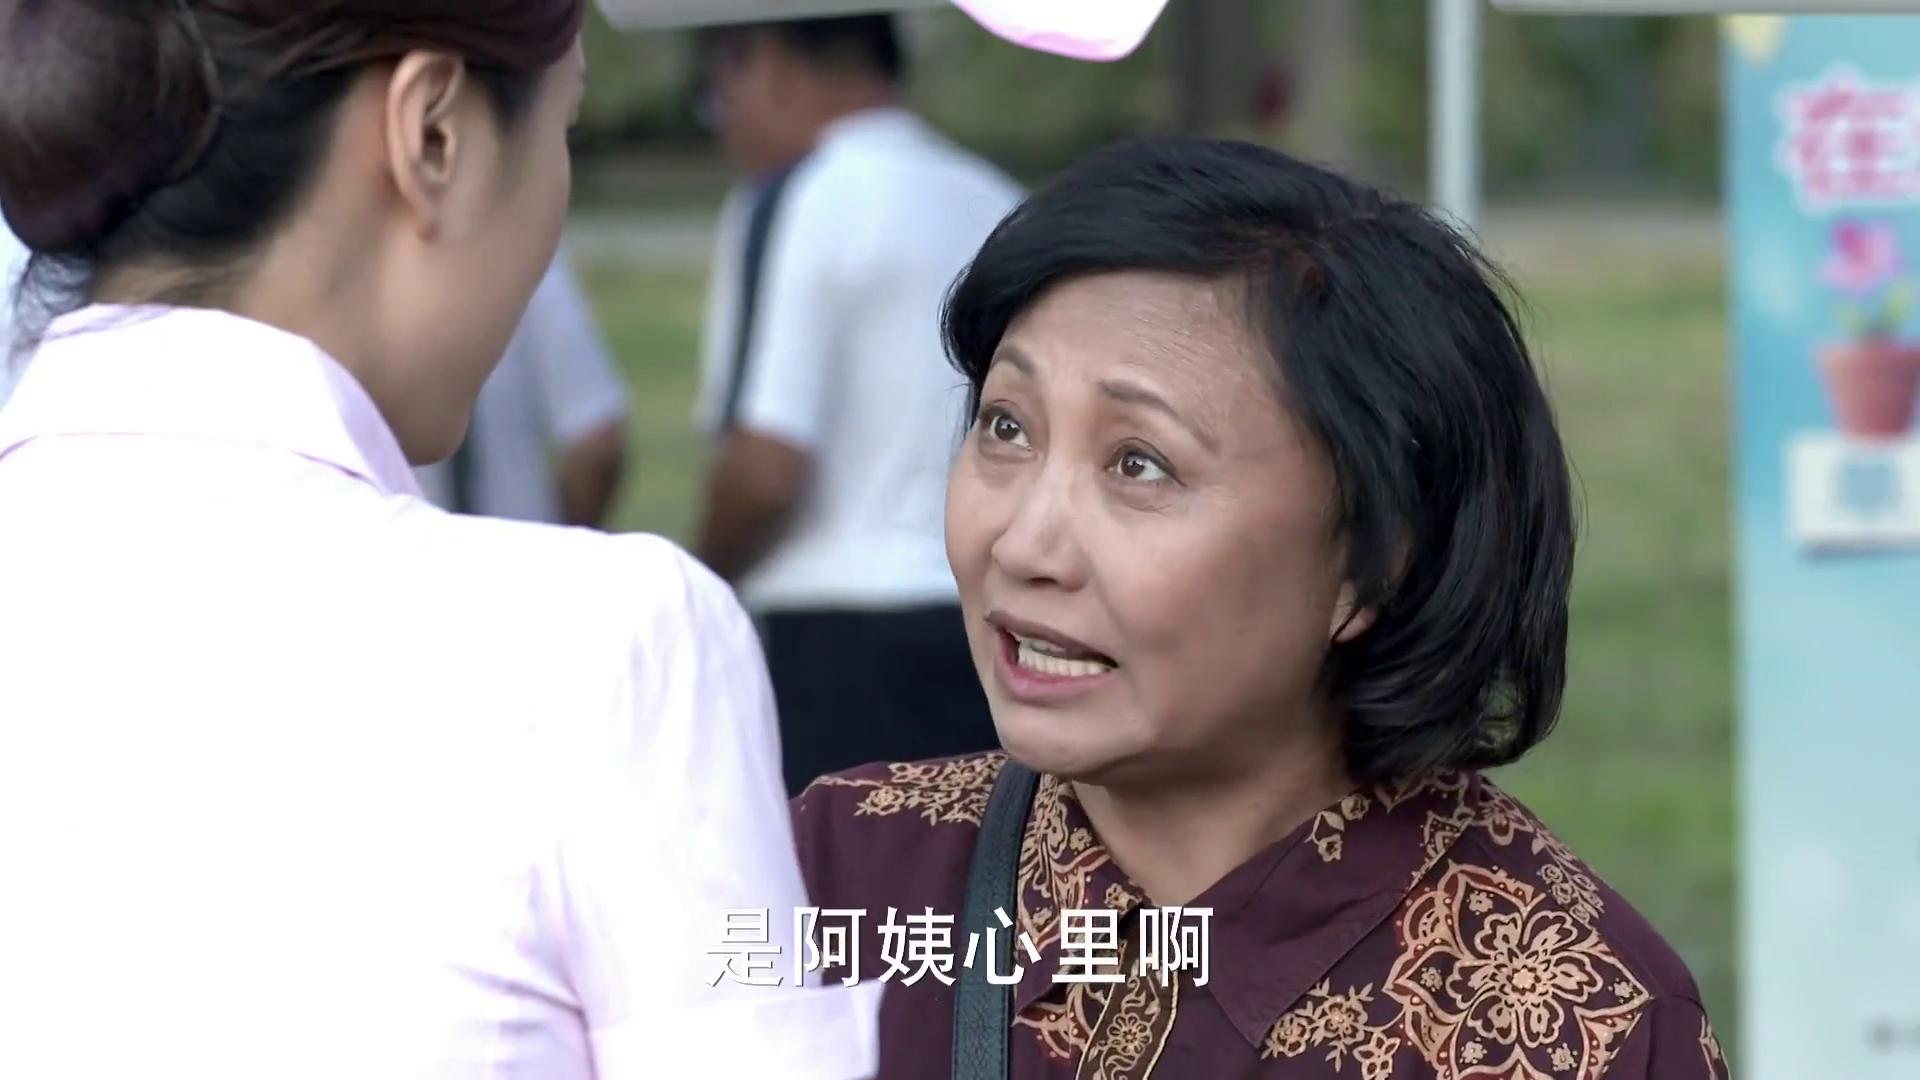 《咱们结婚吧》-第4集精彩看点 果母碎语伤杨母 素梅气愤怒反击